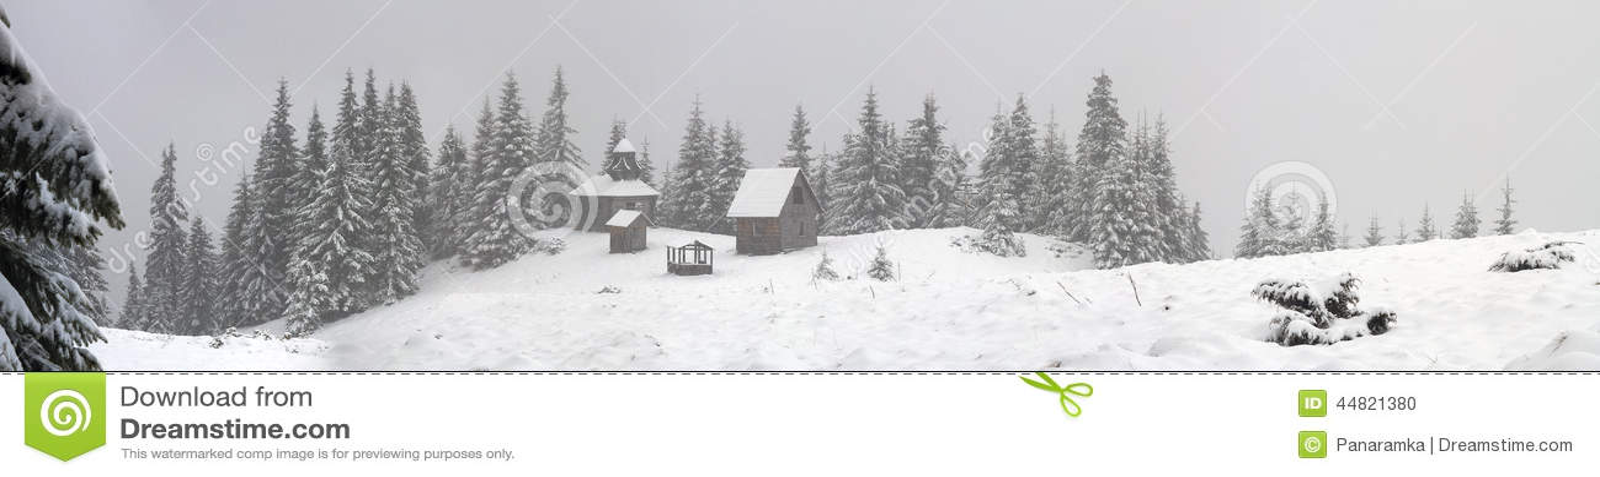 Eenzaam klooster tijdens sneeuwval